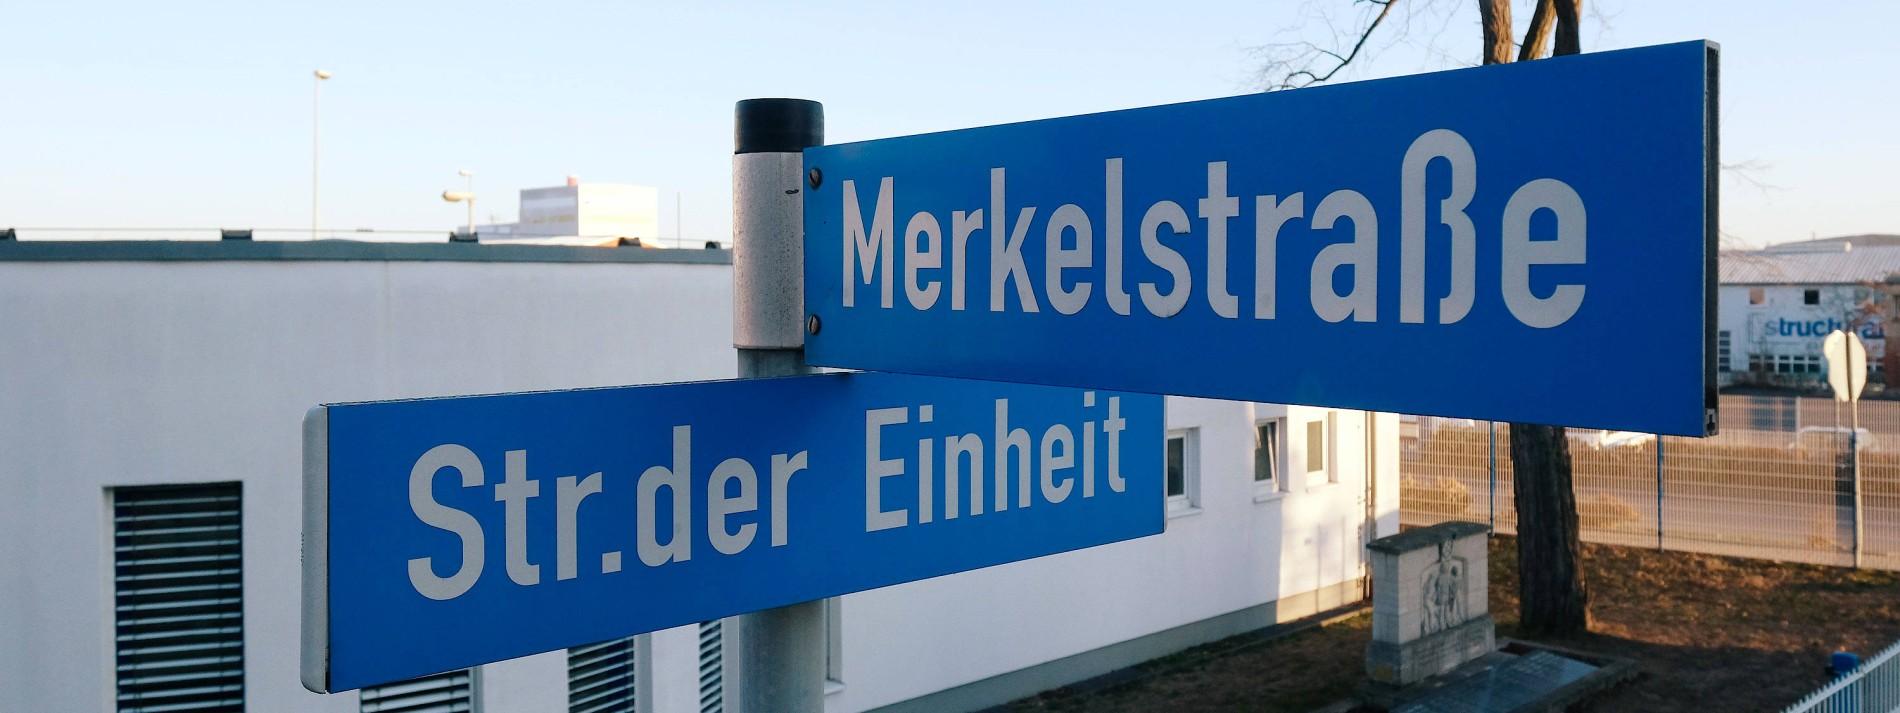 Wie weit sind wir mit der deutschen Einheit?